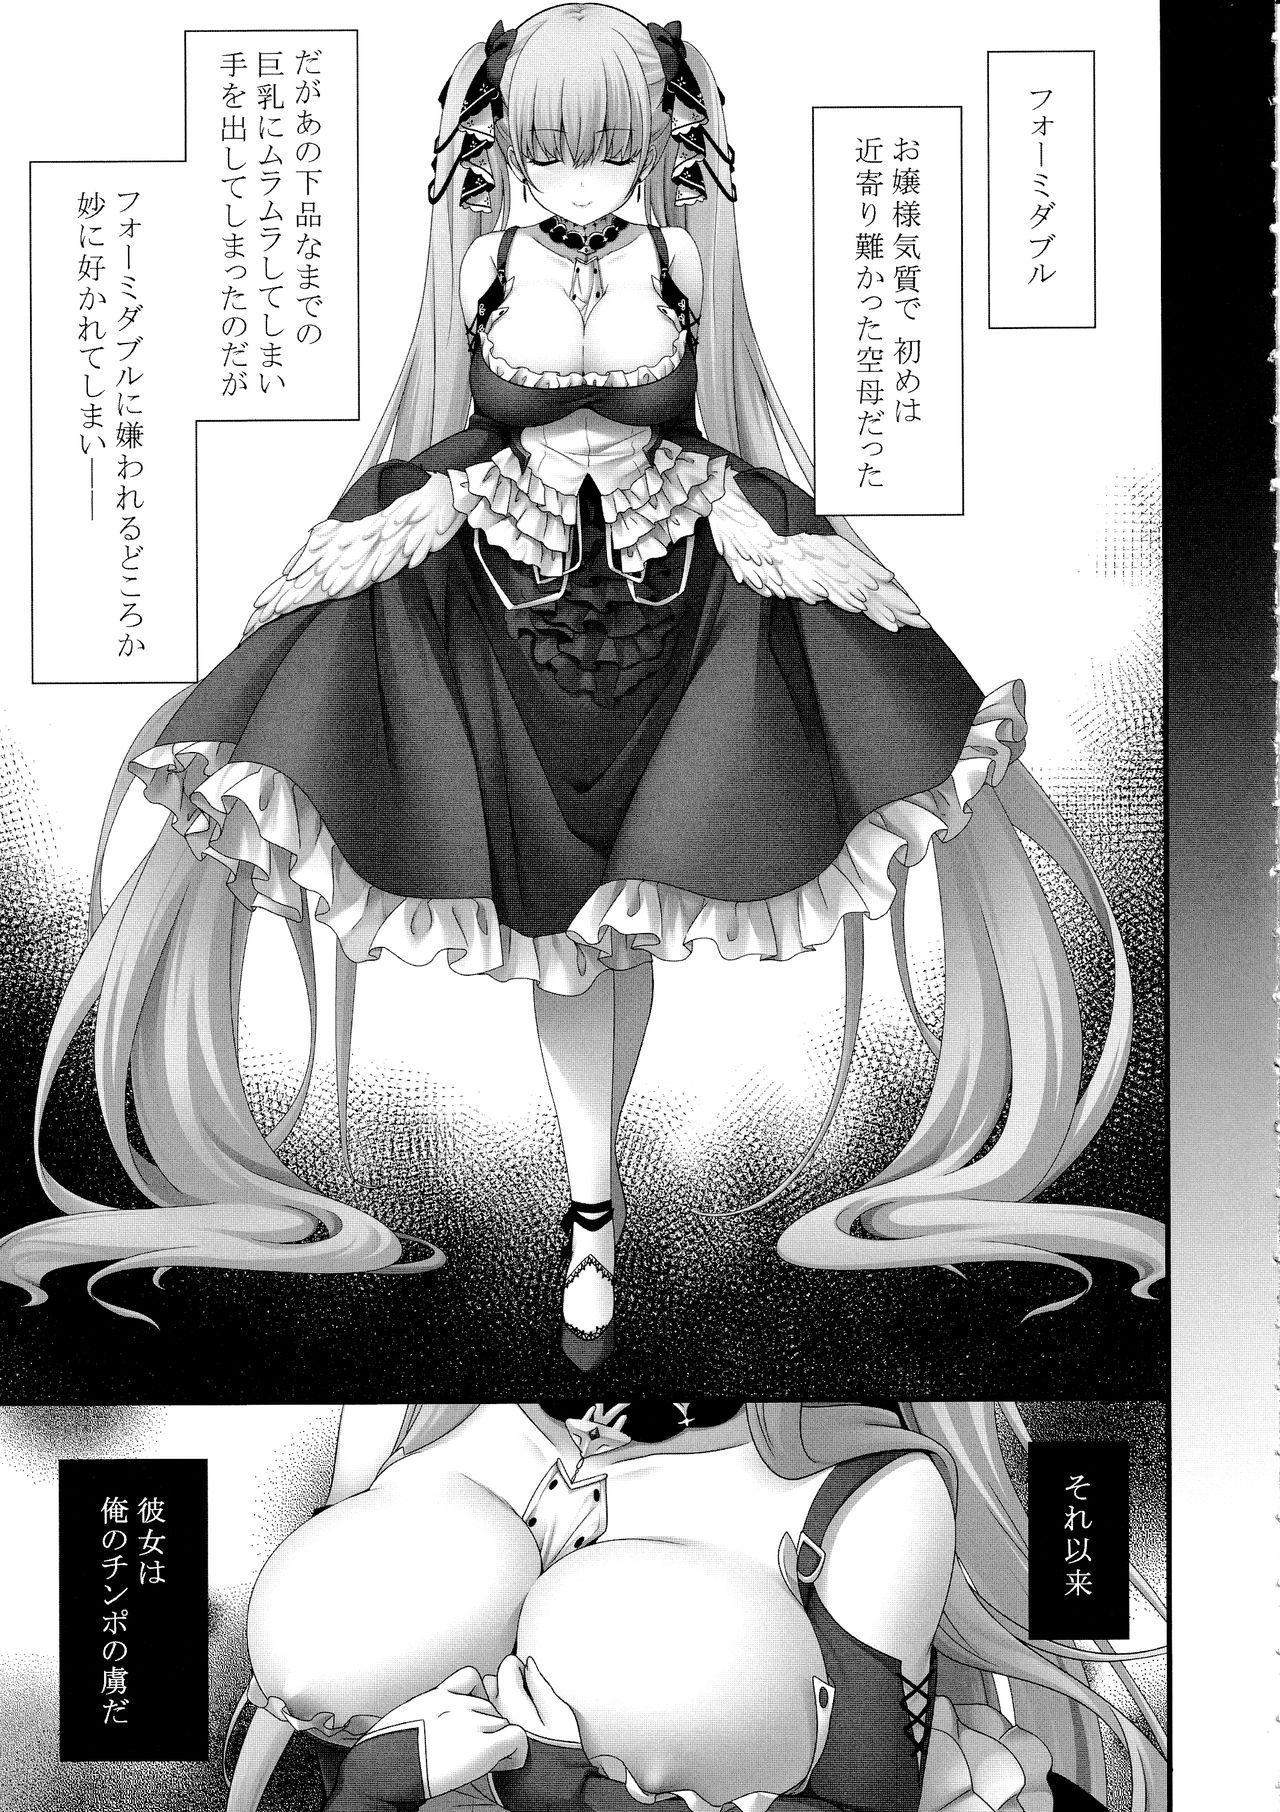 Dosukebe Formi ga Hanashite Kurenai 3